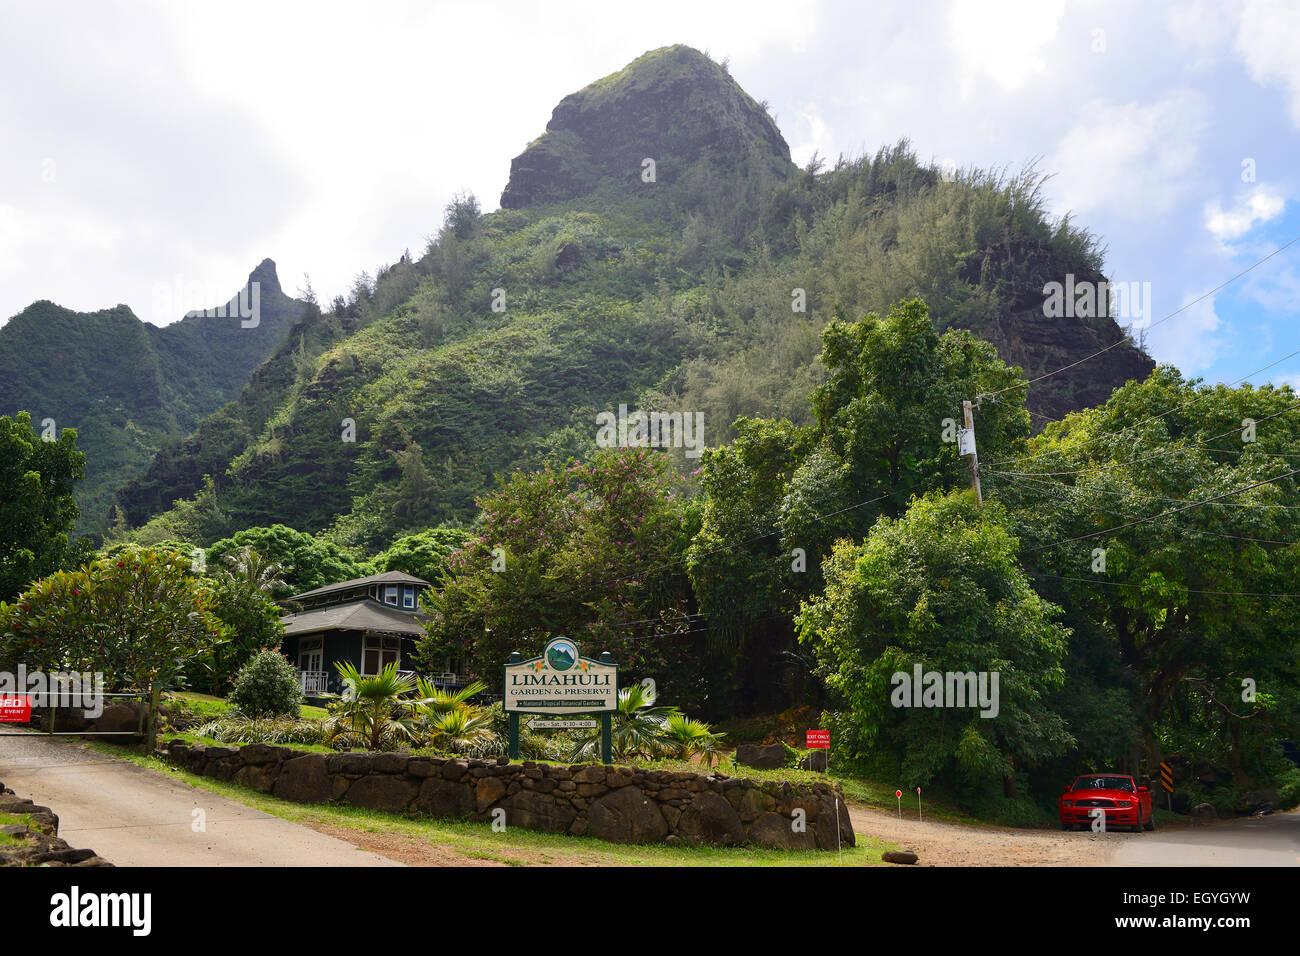 Entrada al jardín Limahuli y preservar, Kauai, Hawaii, EE.UU. Foto de stock